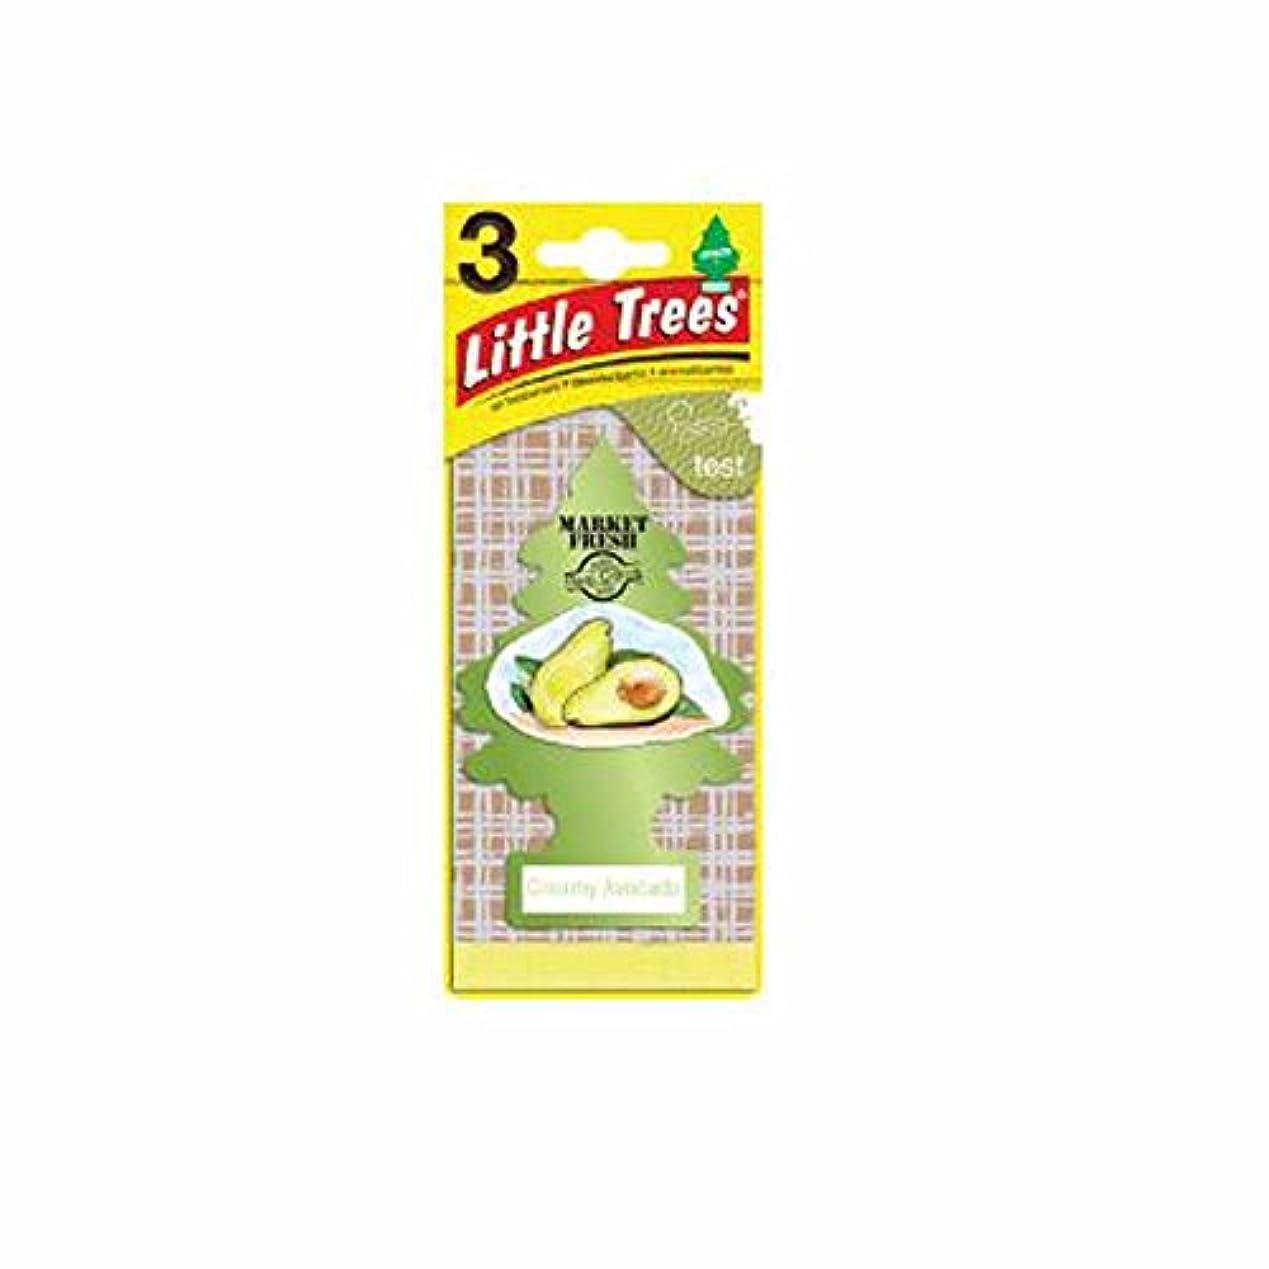 傭兵蓄積する審判Little Trees 吊下げタイプ エアーフレッシュナー creamy avocado(クリーミーアボカド) 3枚セット(3P) U3S-37340